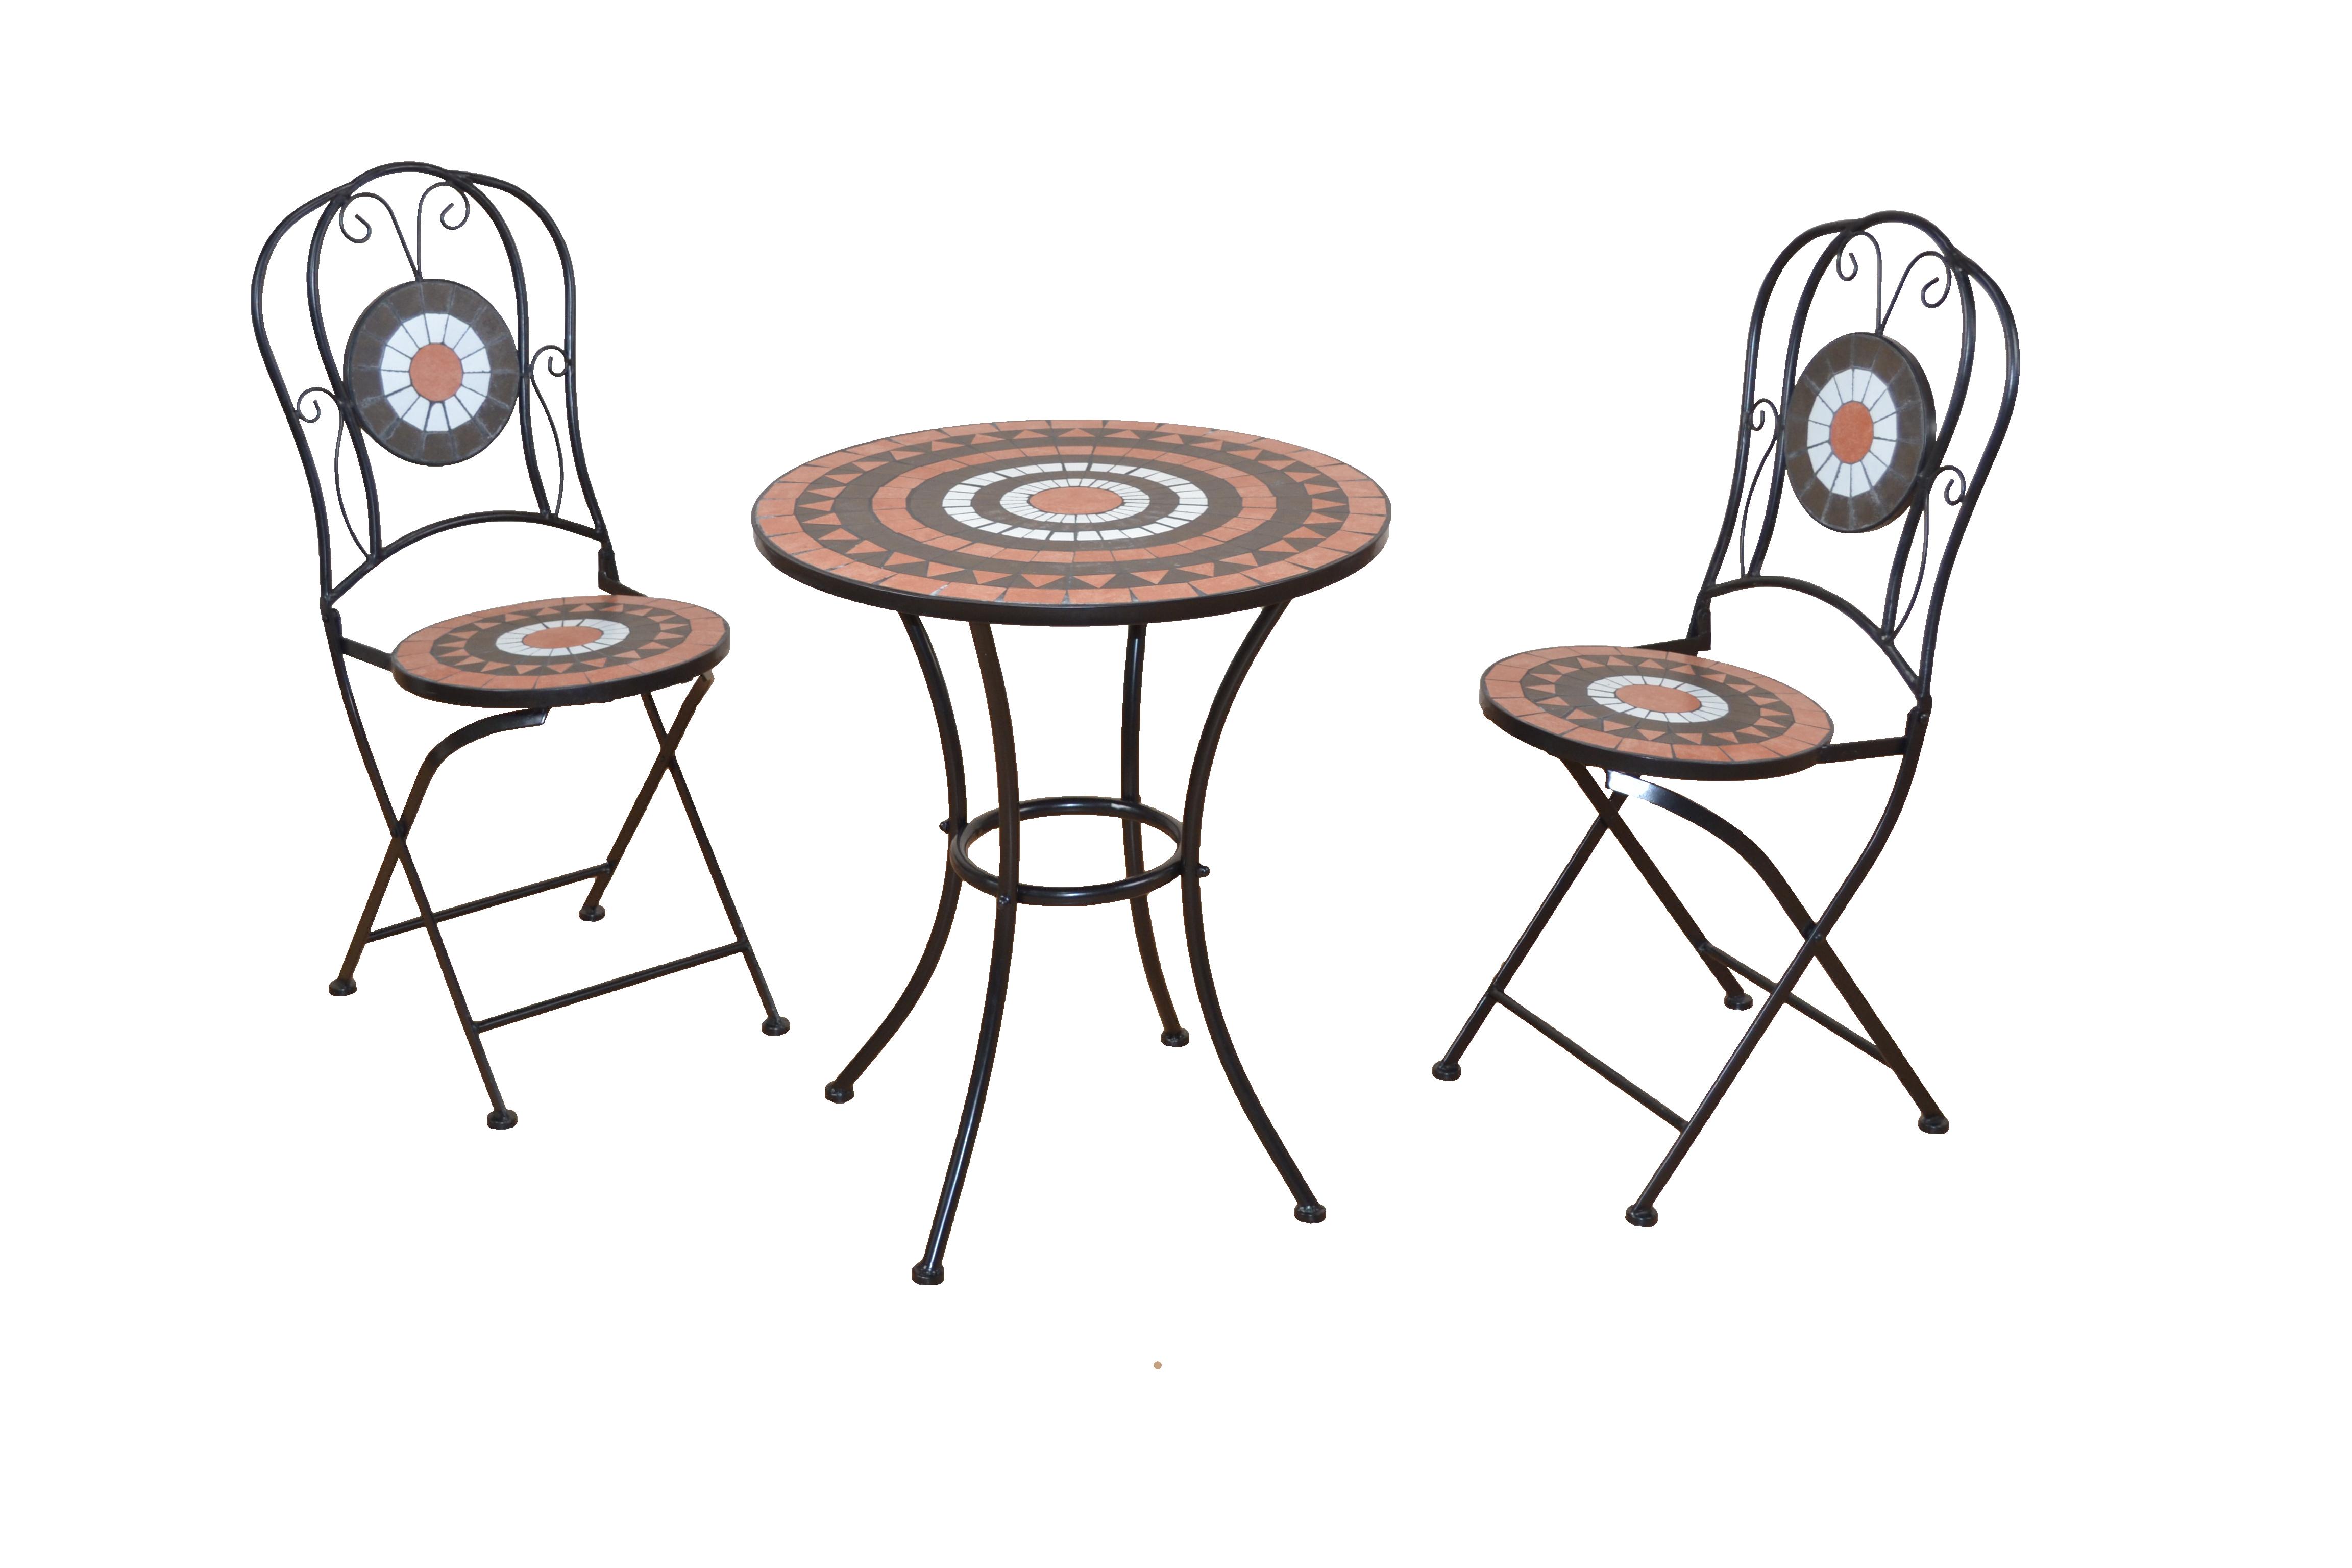 Gartentisch Metalltisch Mit Mosaikplatte Balkontisch Tisch Mosaik